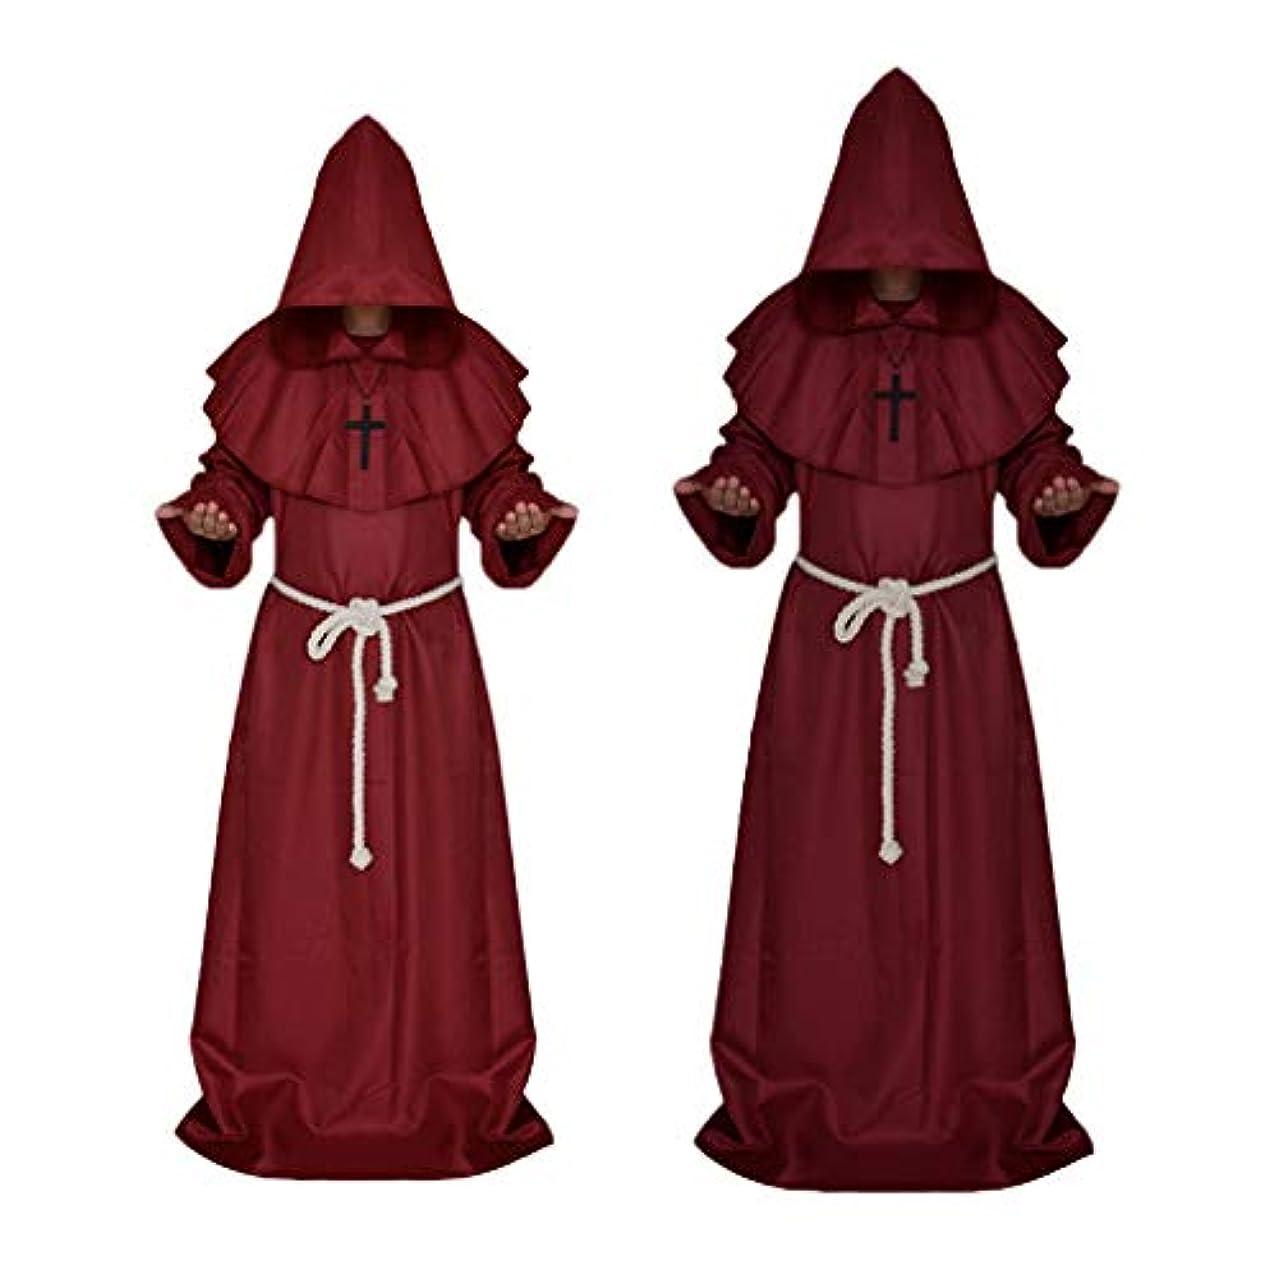 輪郭受賞階下Baoblaze 中世 フード付き 修道士 服 悪魔 衣装 ローブ コート コスプレ ワインレッド m L